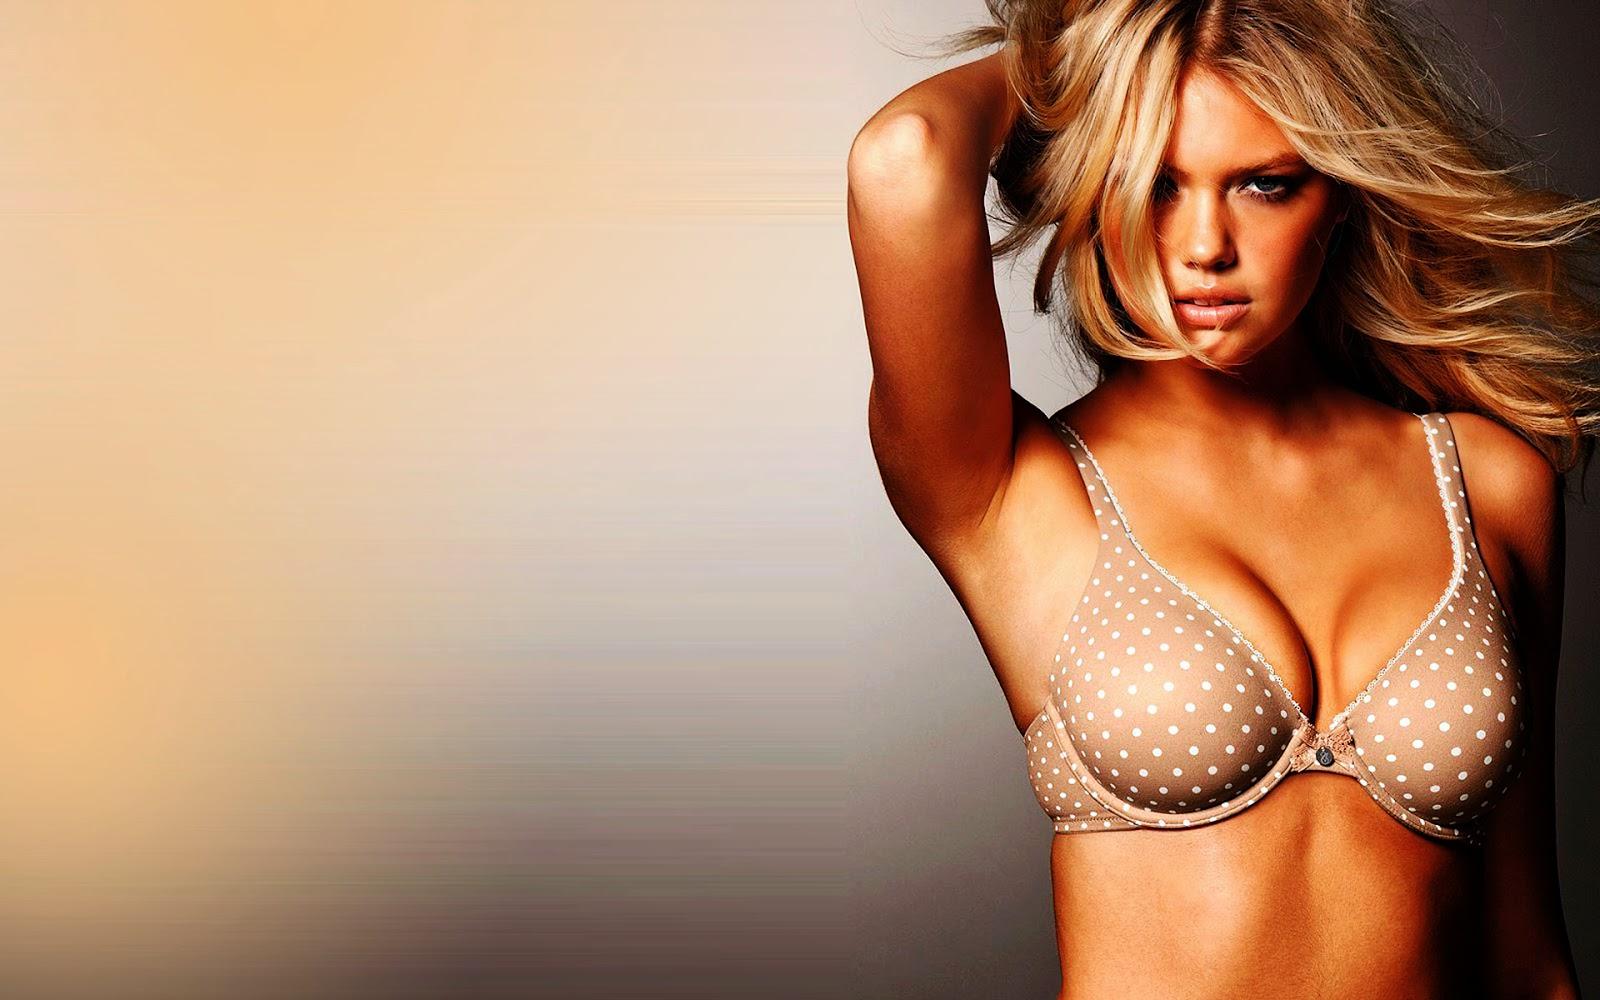 Amanda bynes cumshot naked